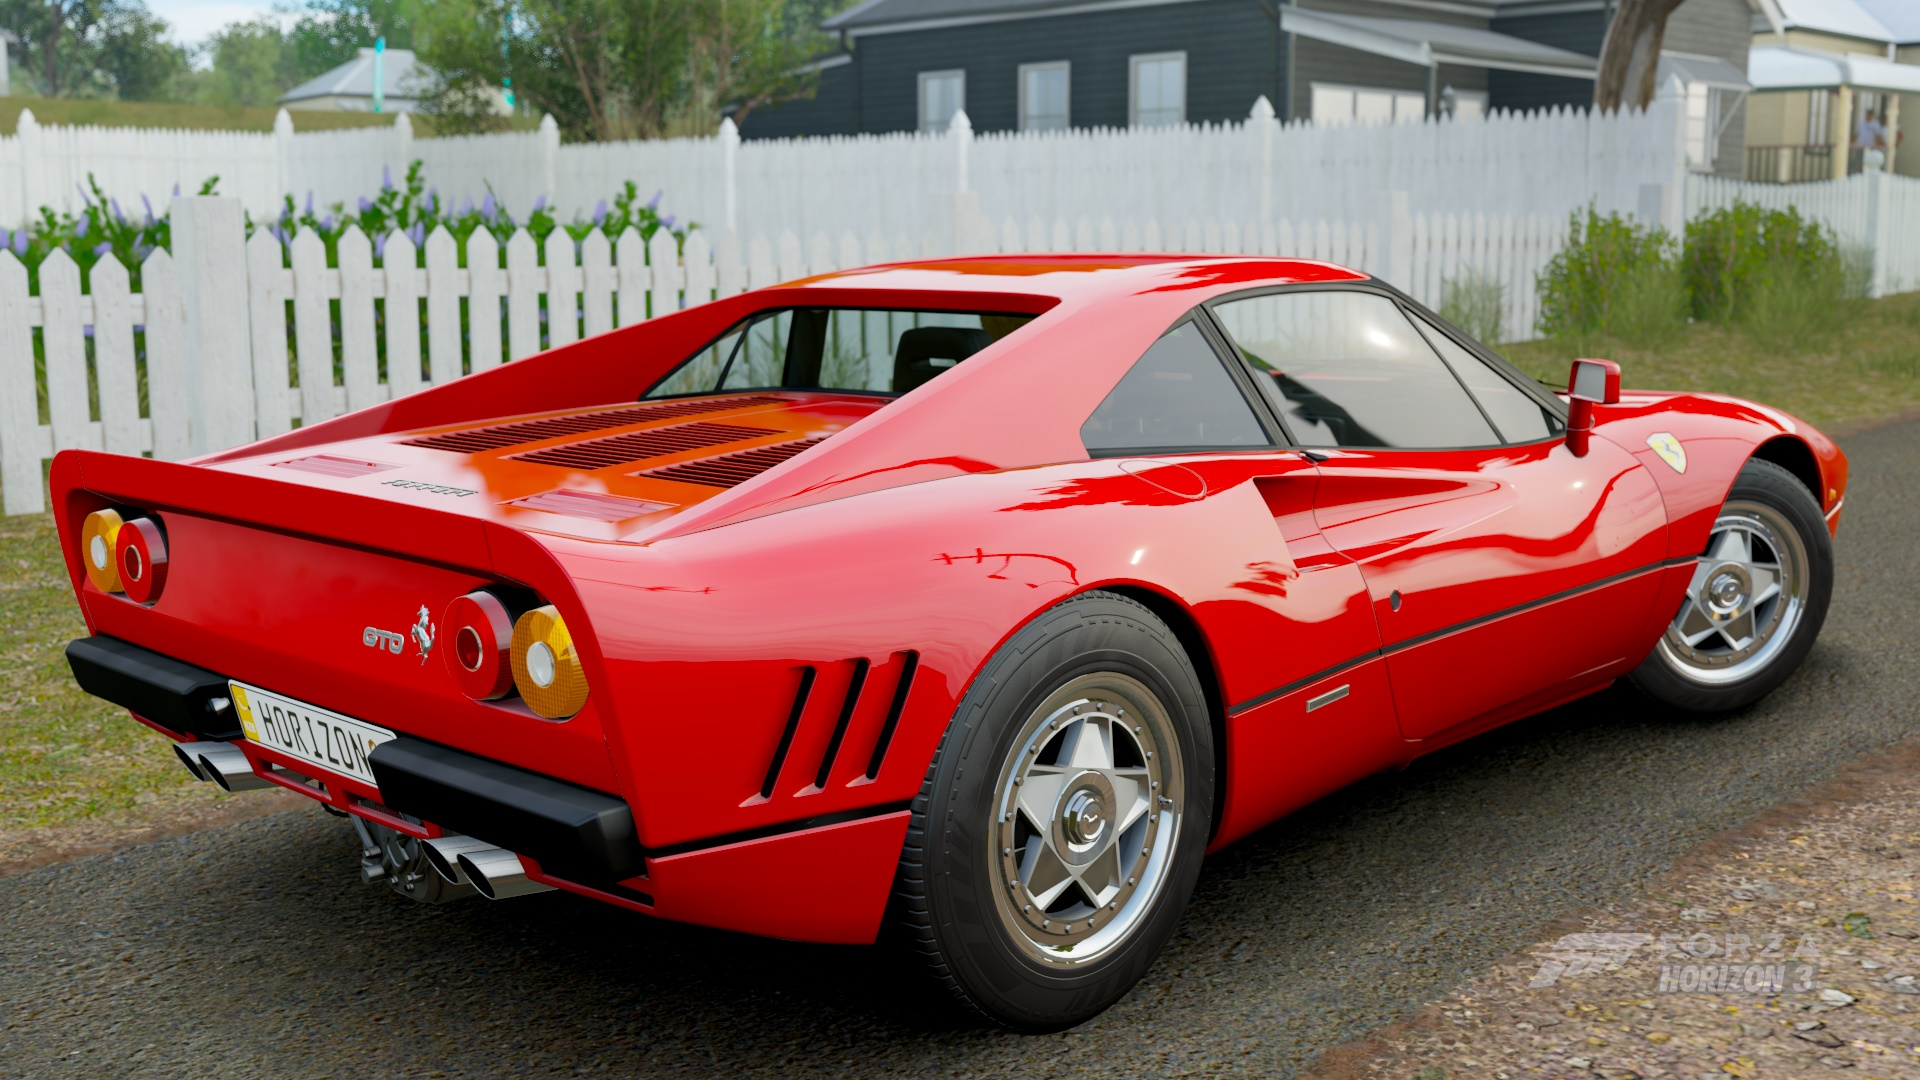 6416466b-30fe-4971-91ae-0f11ee900402.jpg?n=1984%20Ferrari%20288%20GTO%20Brokenvegetable Fabulous Ferrari Mondial 8 Super Elite Cars Trend